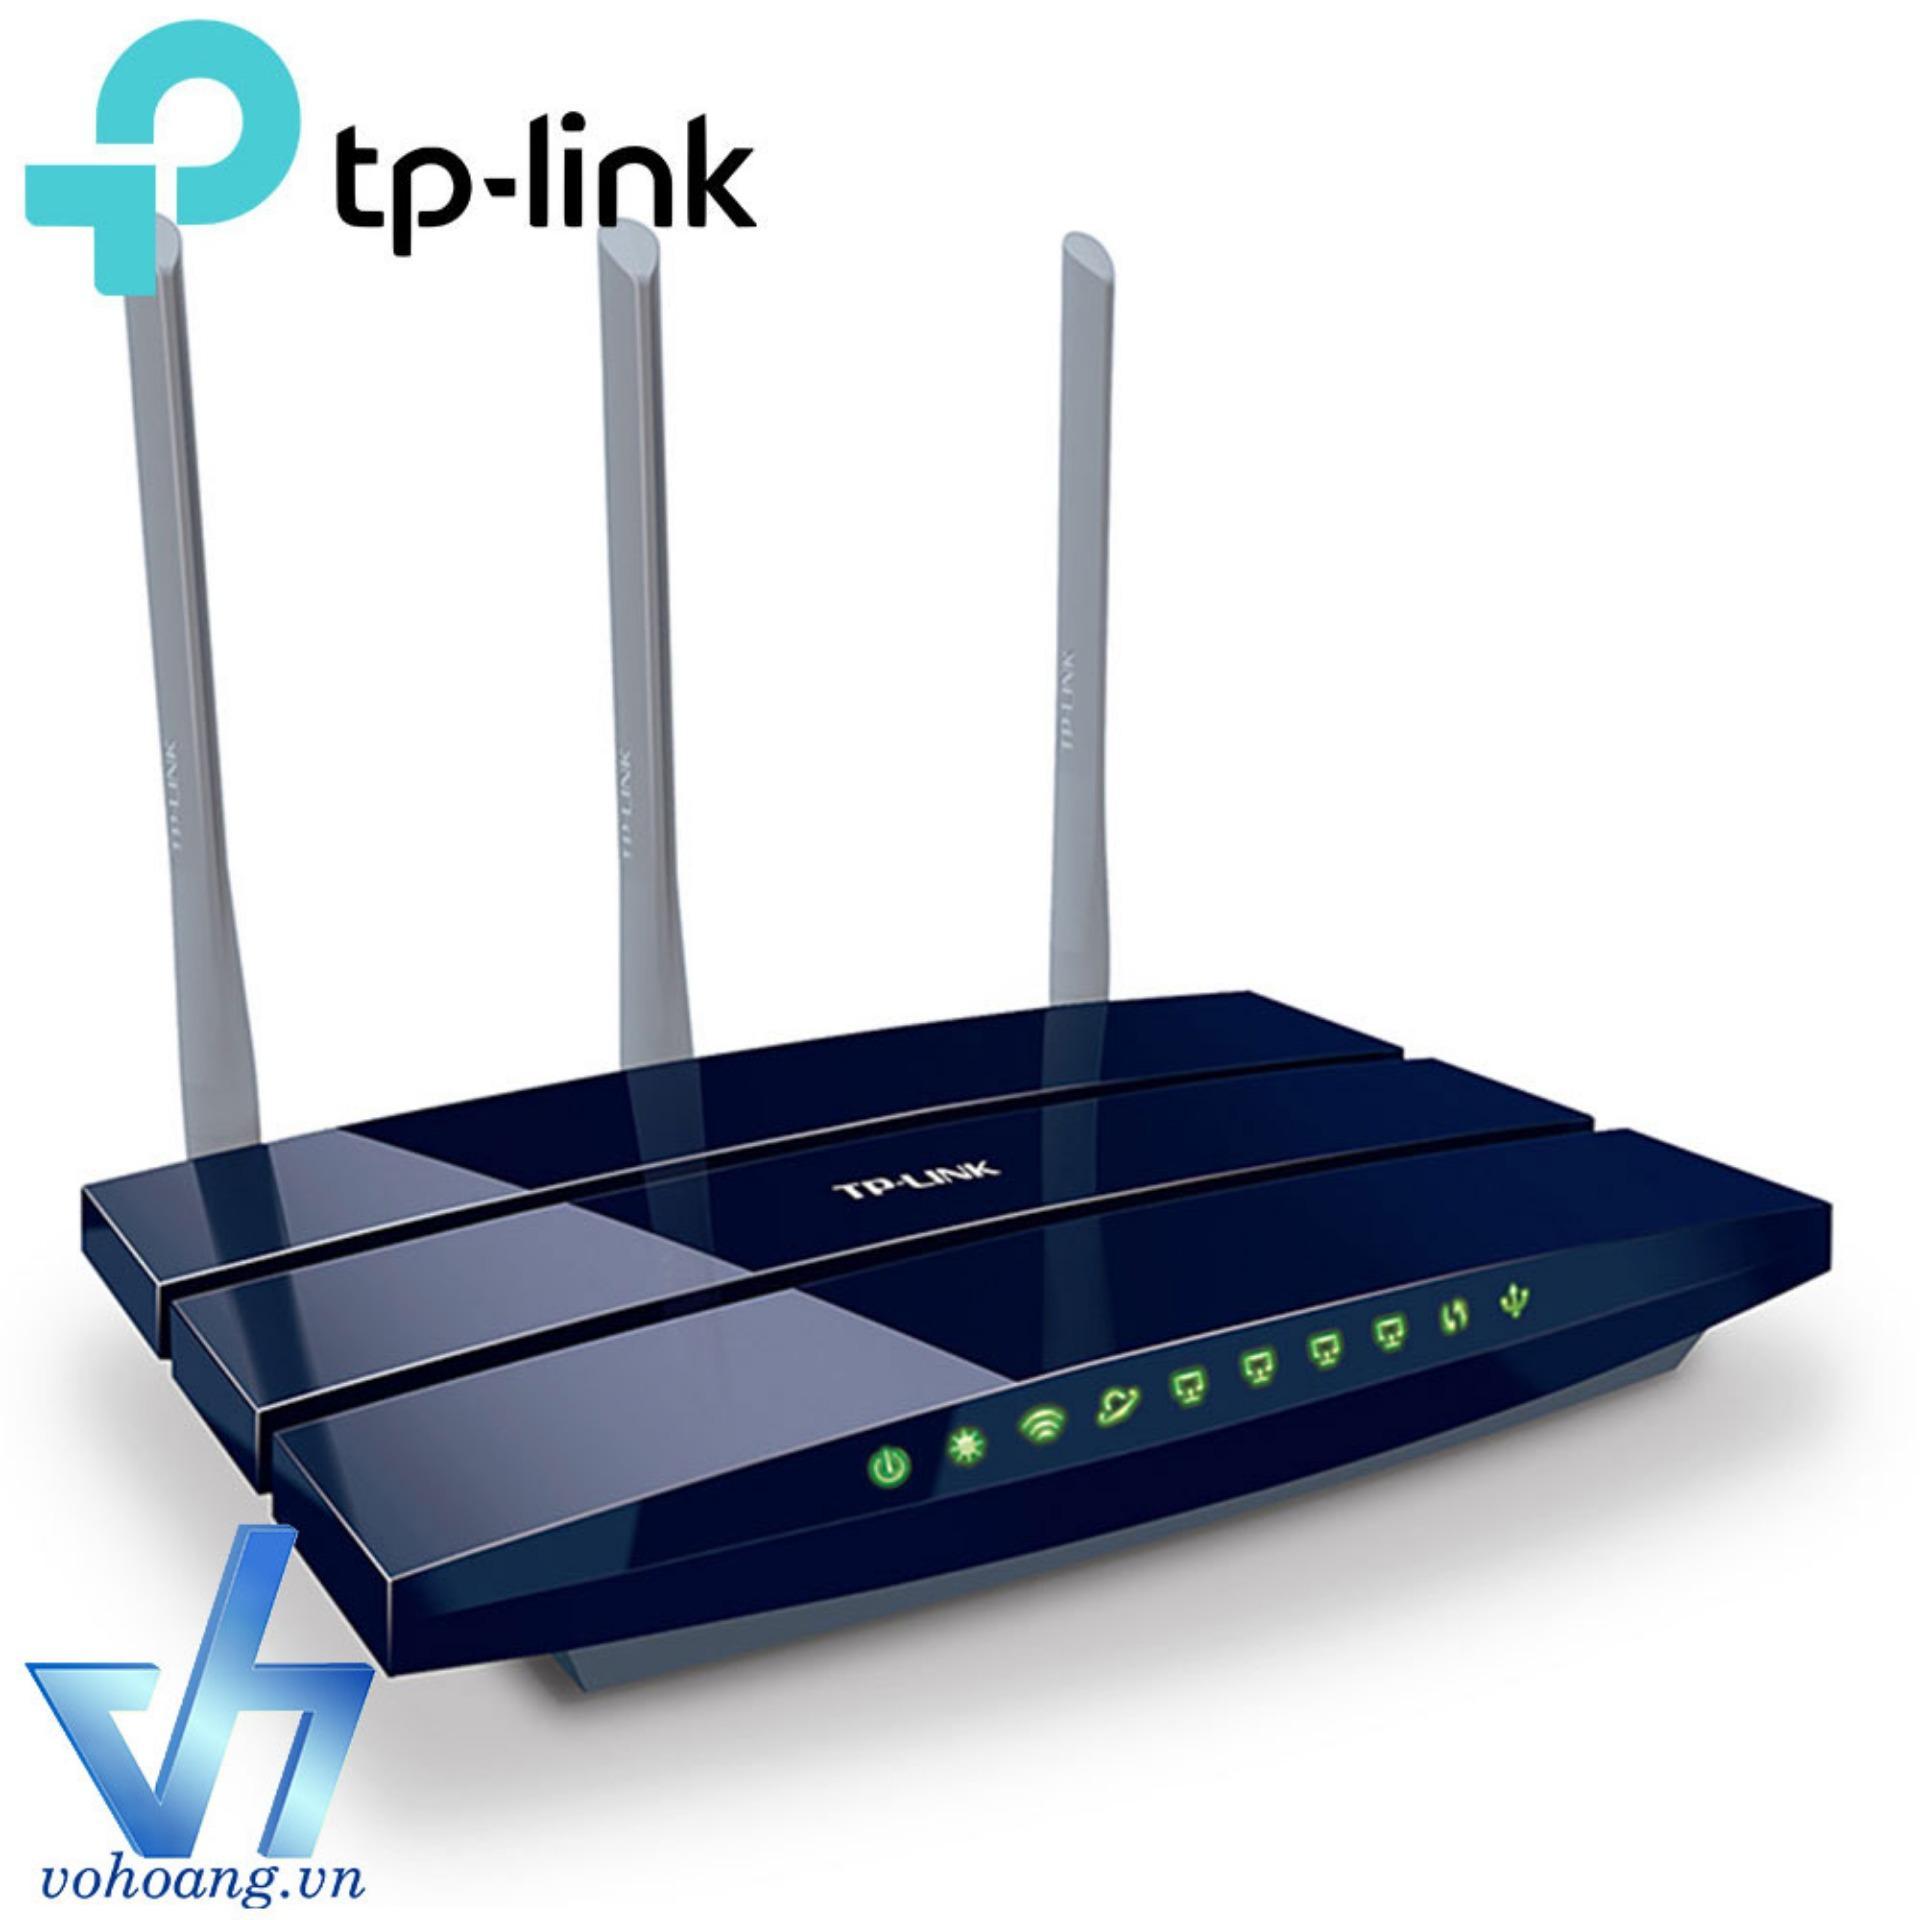 Hình ảnh Bộ phát wifi TP-Link TL-WR1043ND (Xanh Đen)